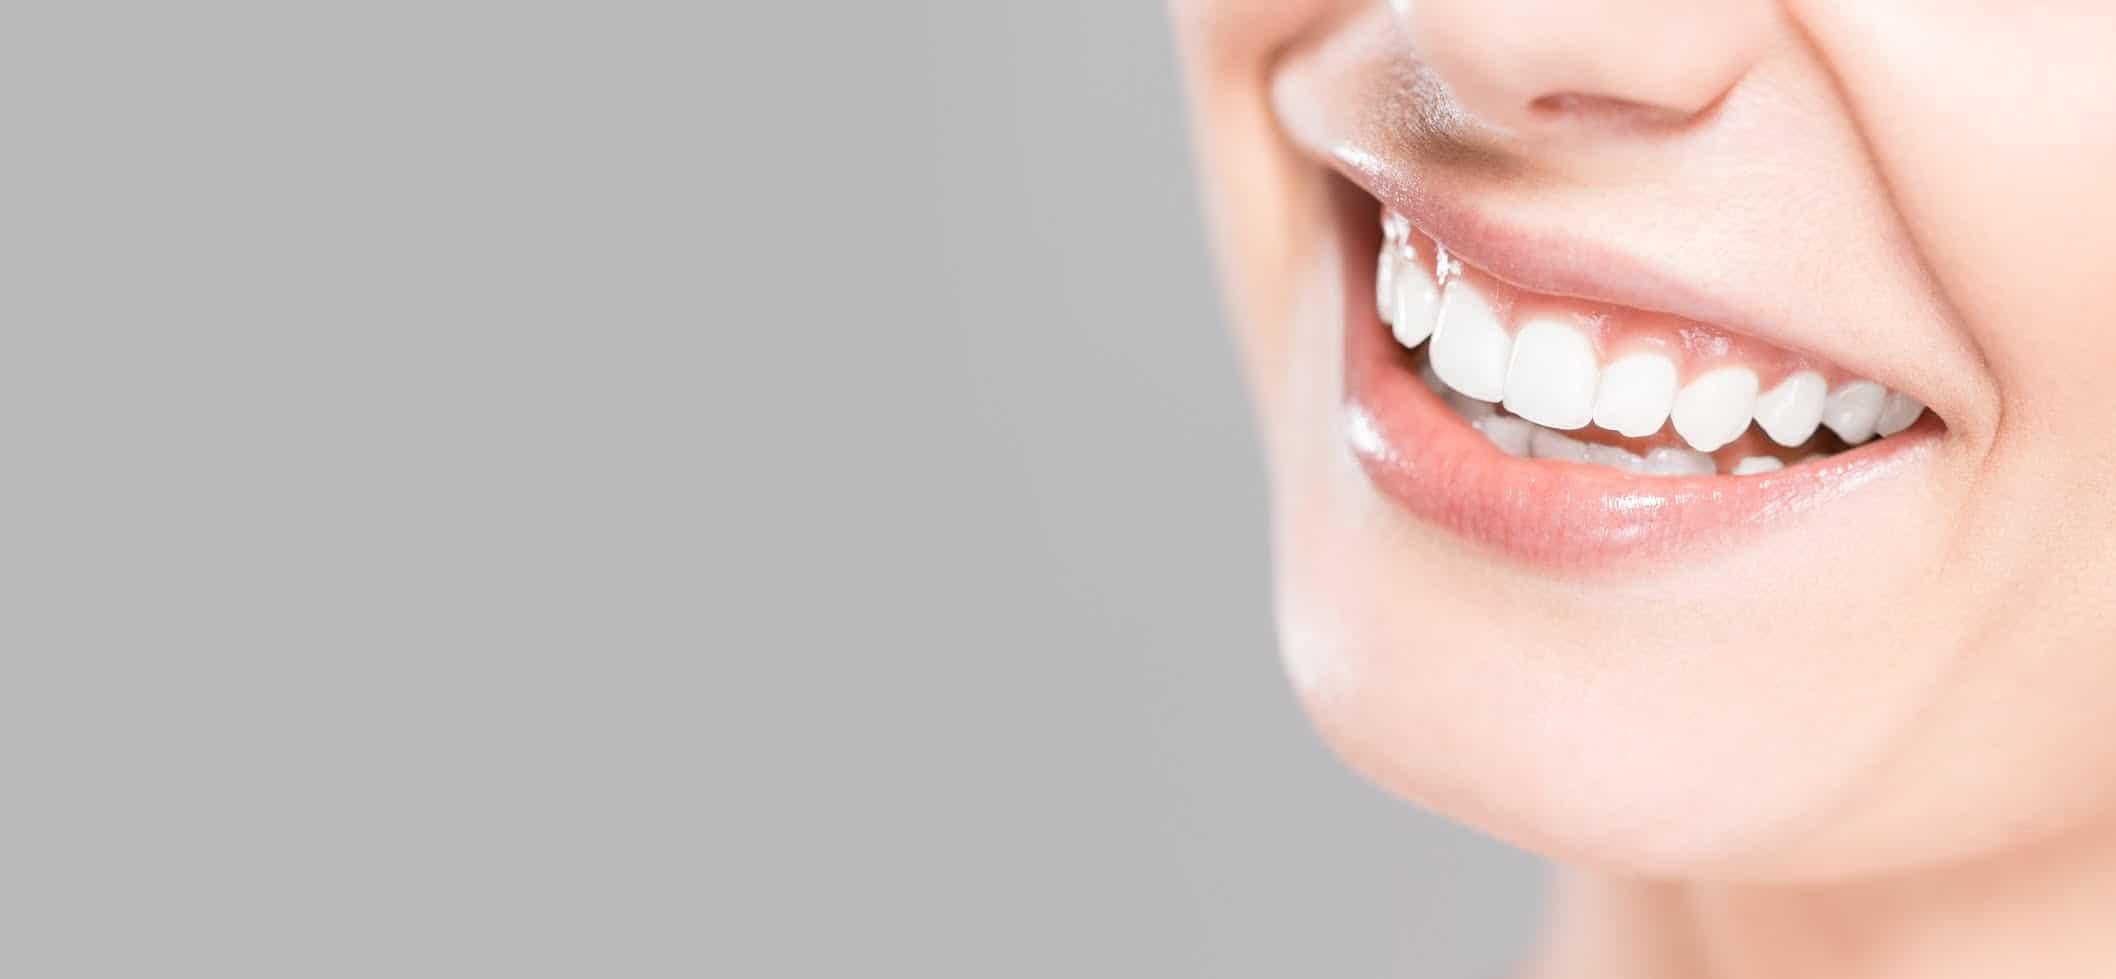 que hay que estudiar para ser dentista